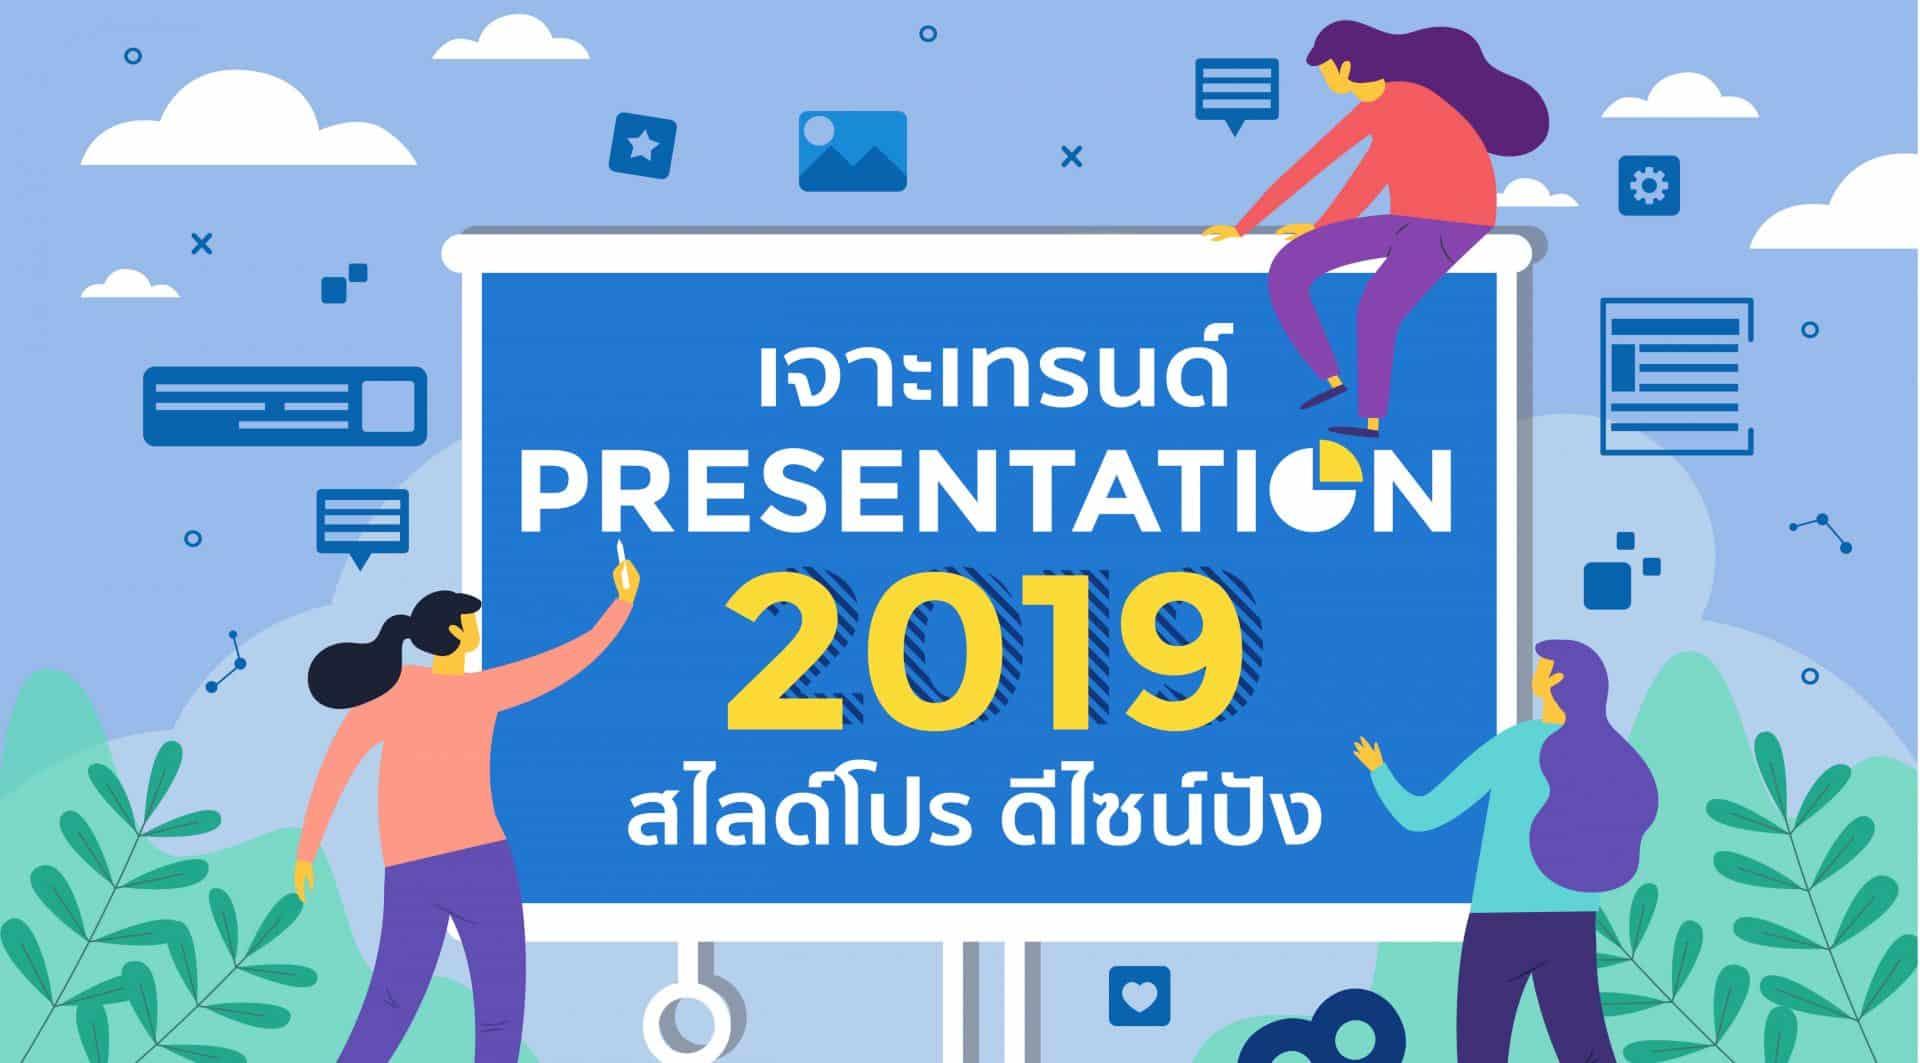 เจาะเทรนด์ Presentation 2019 สไลด์โปร ดีไซน์ปัง !